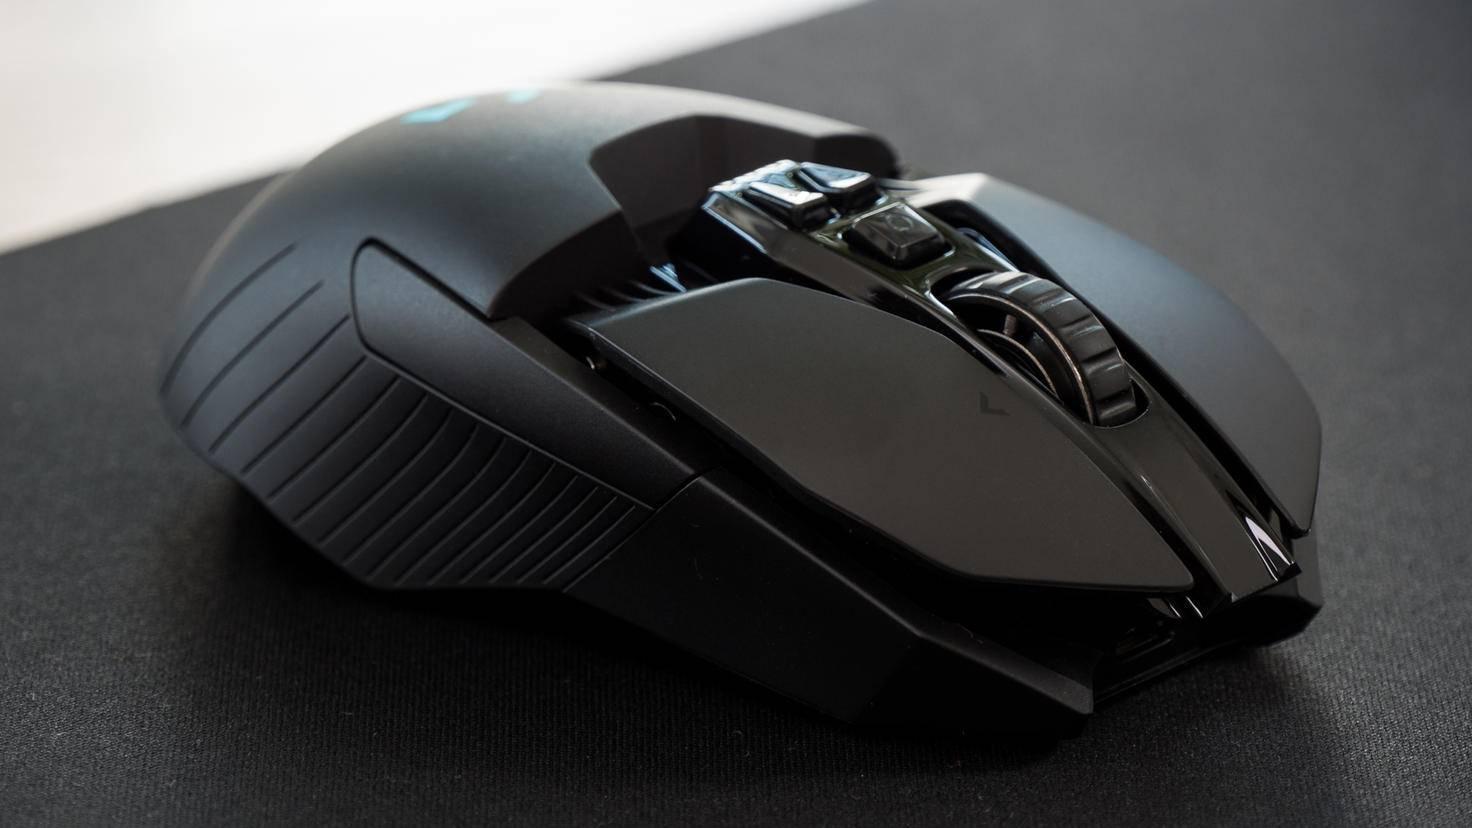 Logitech-Powerplay-G703-G903-8